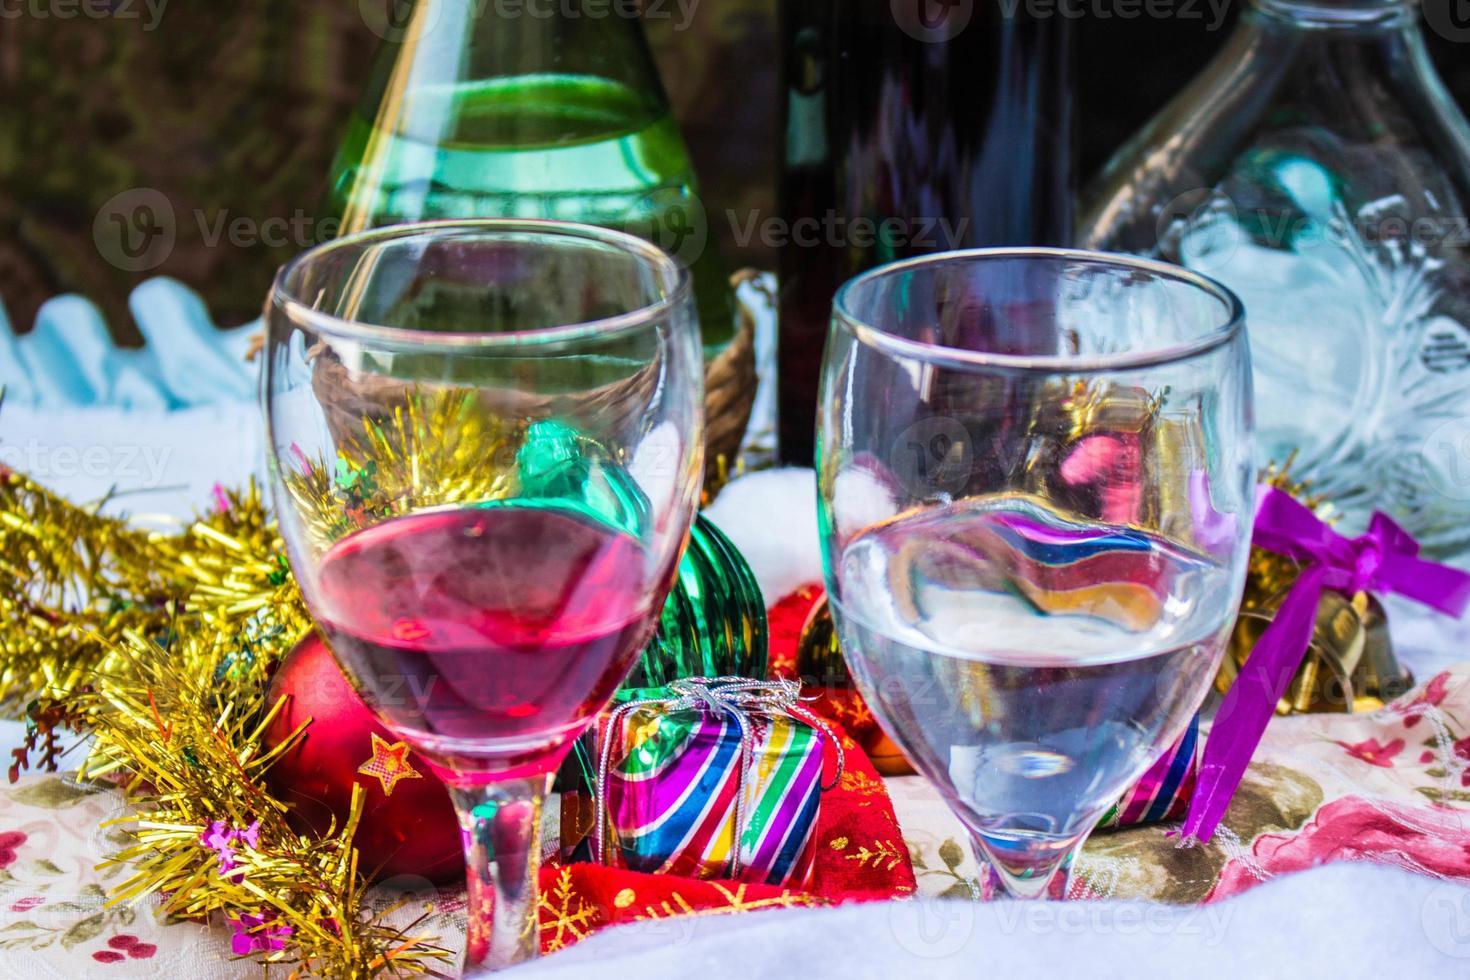 bebidas e decorações foto